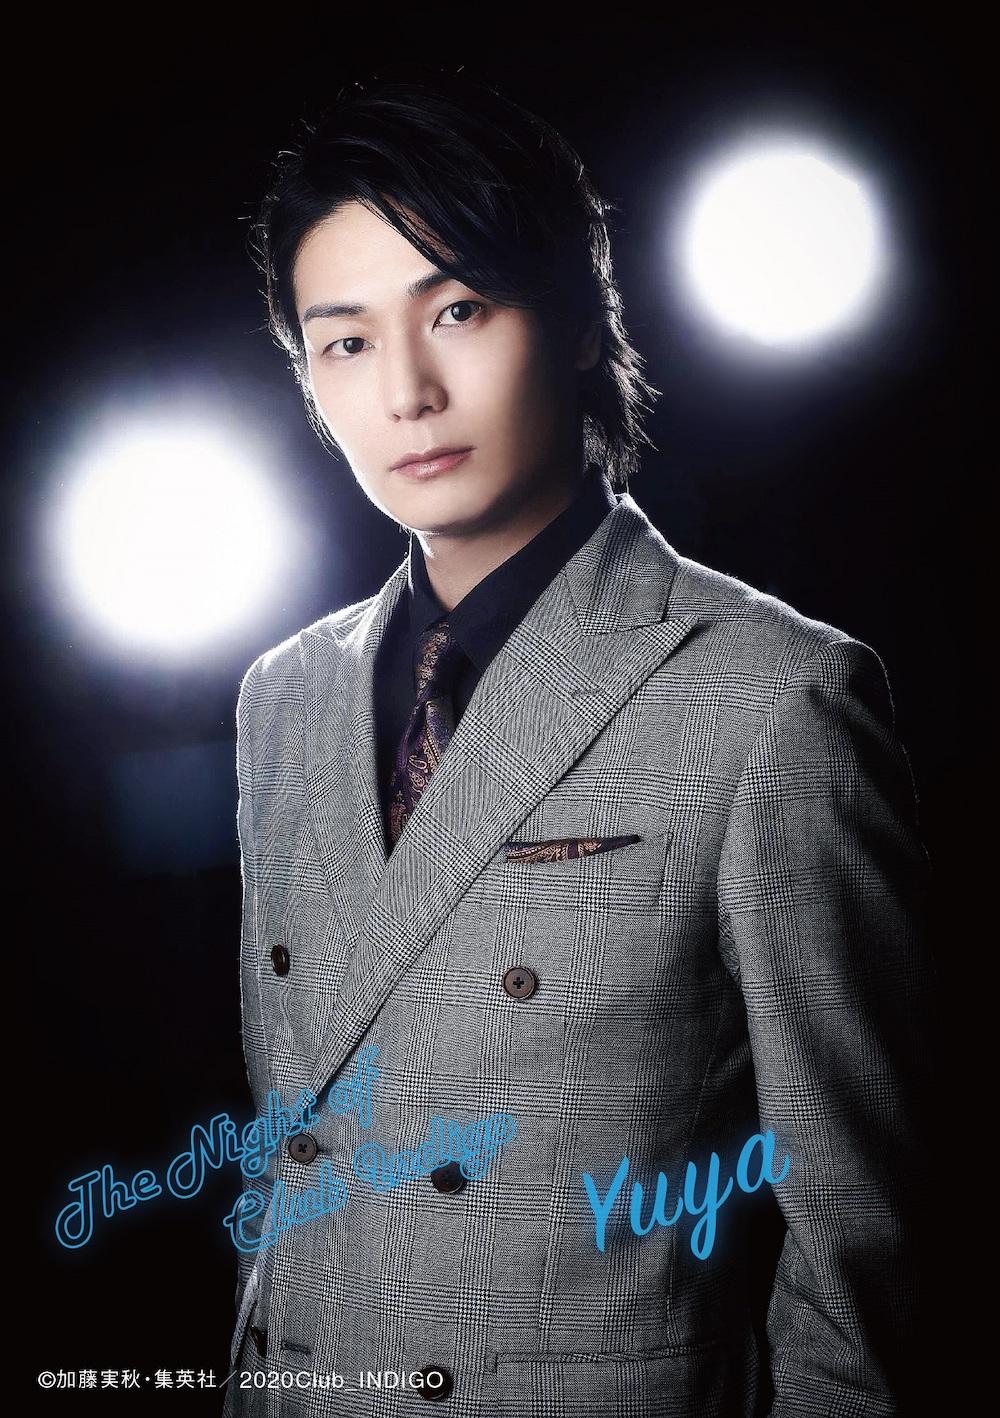 石田 隼、阿部快征ら出演、舞台『インディゴの夜』メインビジュアル・キャラクタービジュアル公開 イメージ画像